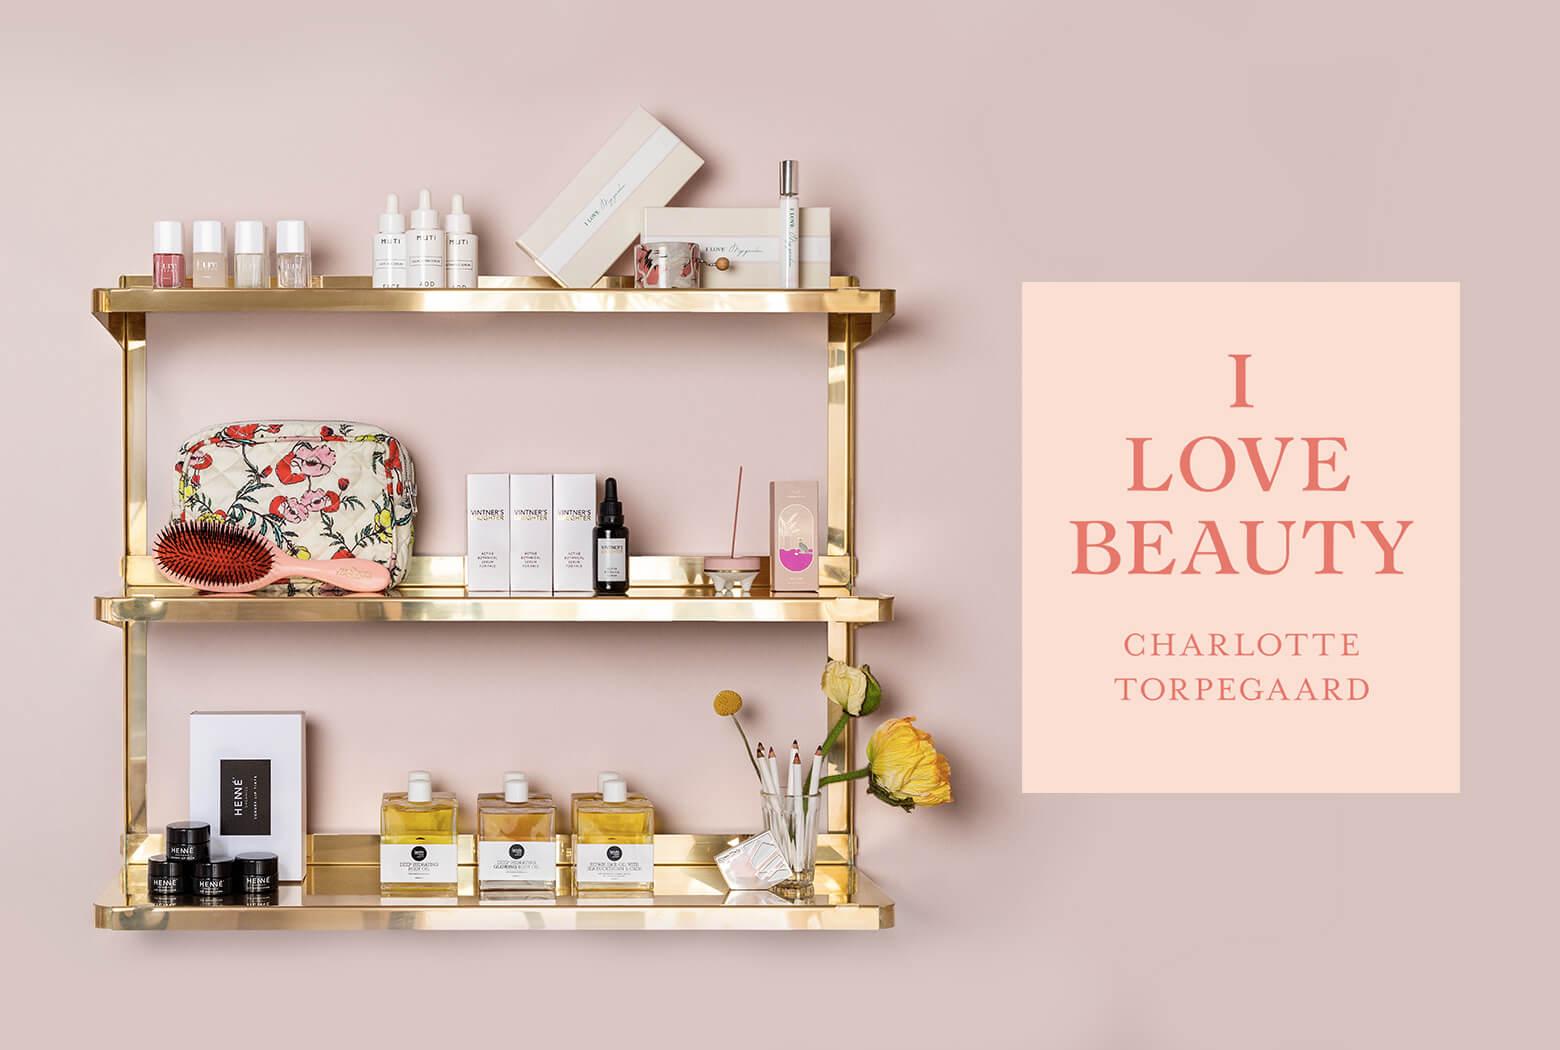 Chanel Lucia Pica Inspiration 2016